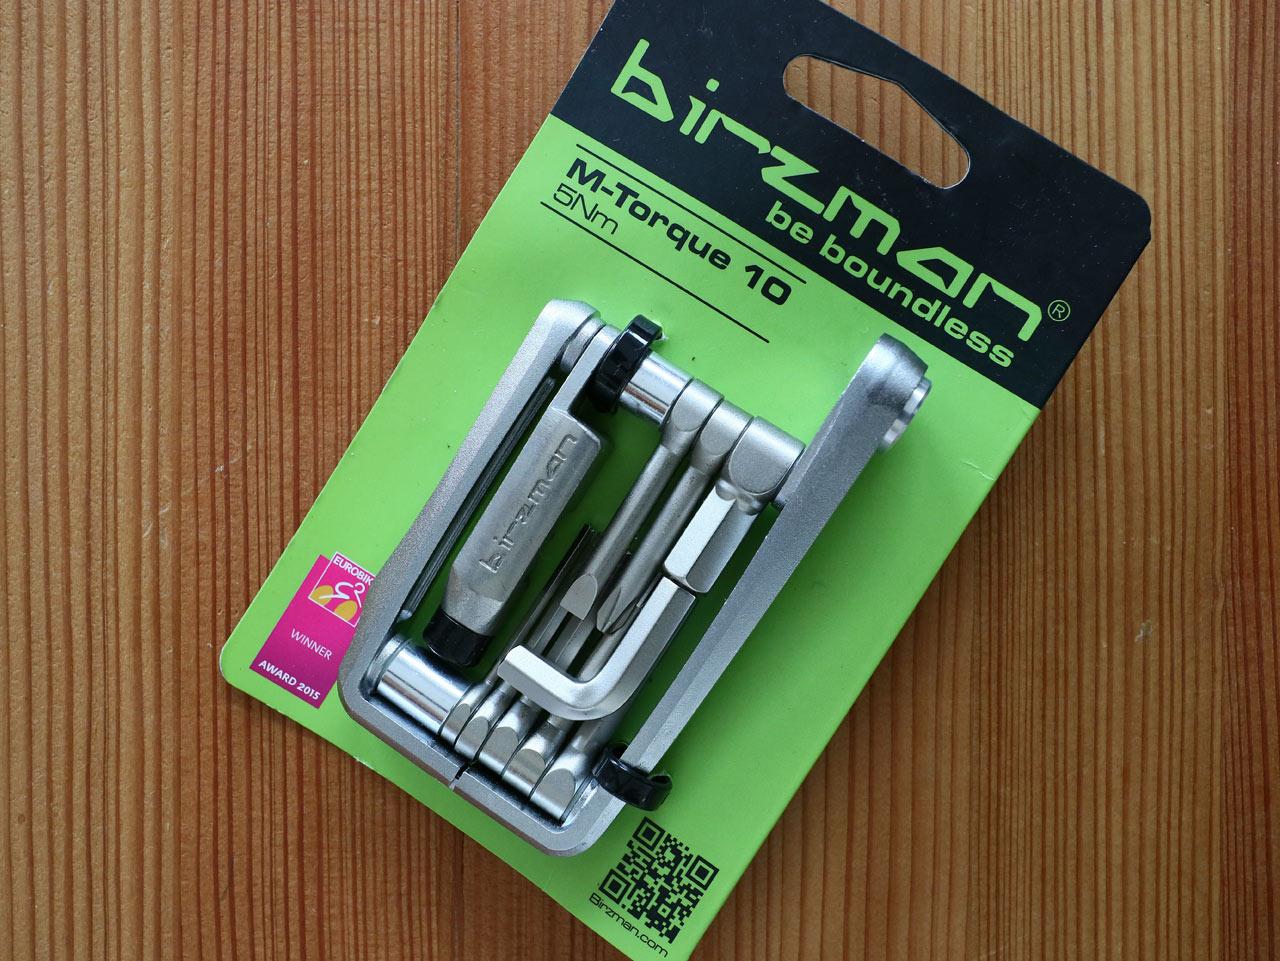 Přehled multiklíčů Birzman